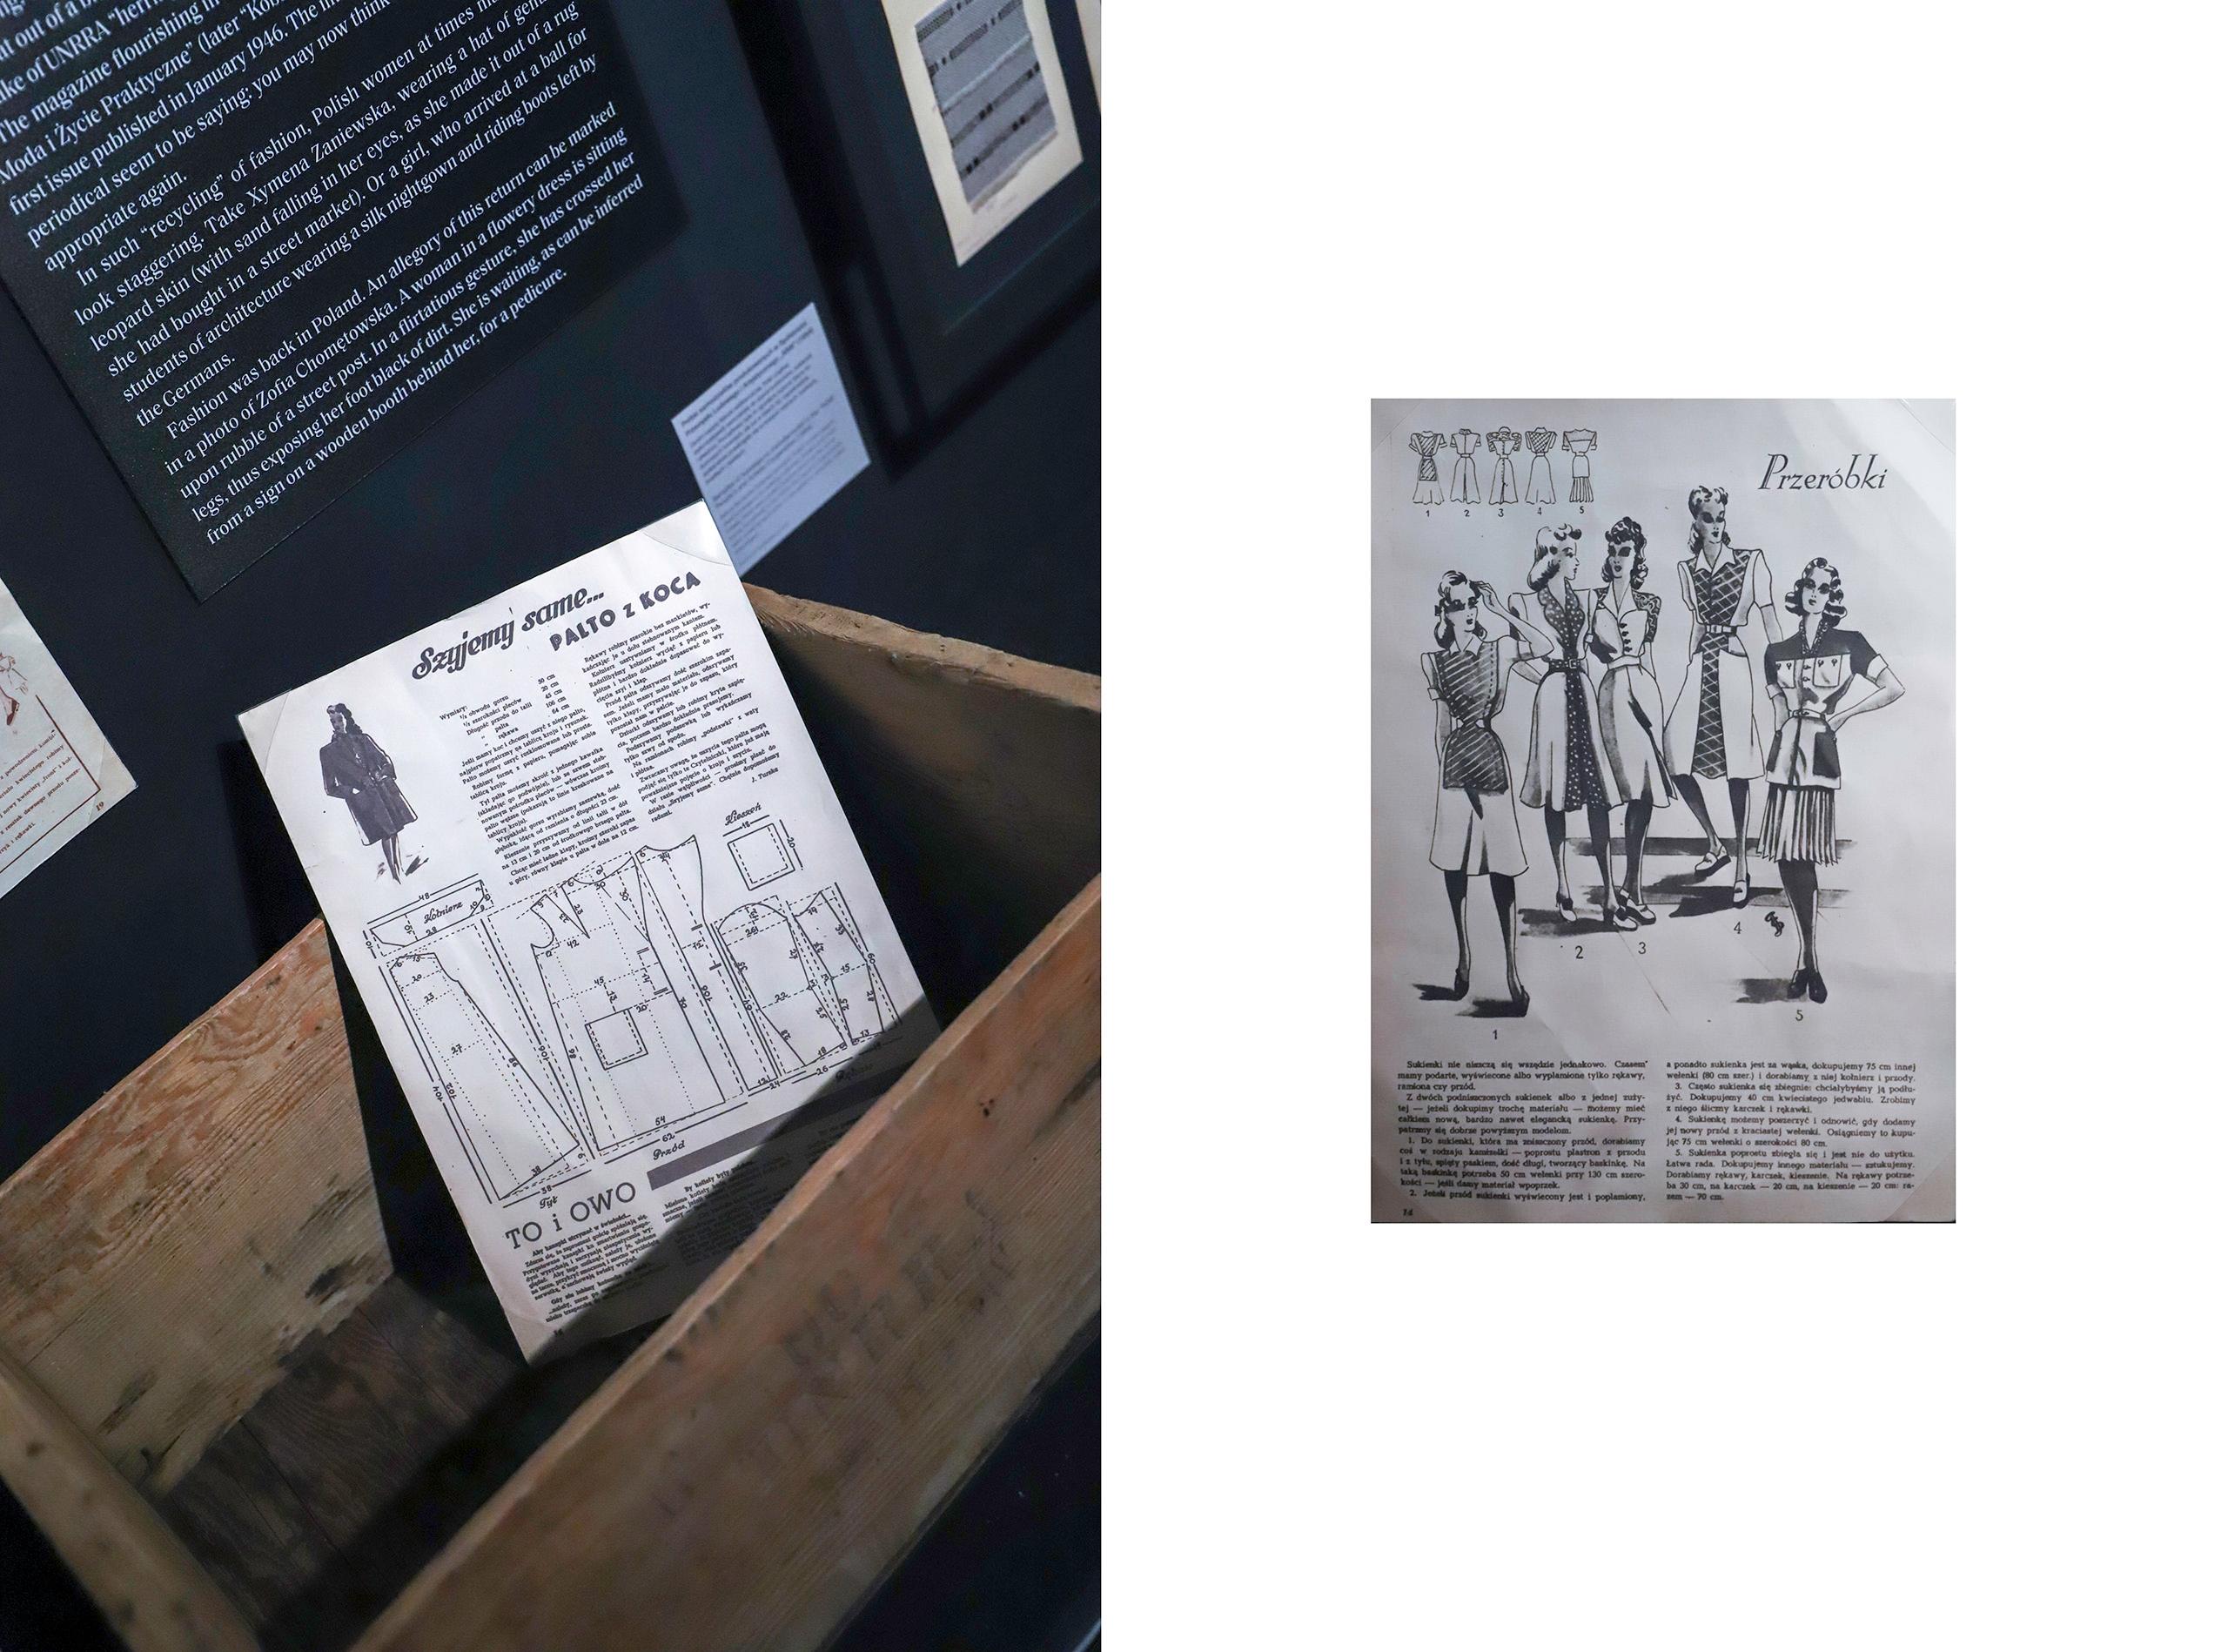 Obraz przedstawia dwa zdjęcia starych gazet. Na zdjęciu z lewej strony gazeta umieszczona została w drewnianej skrzynce.